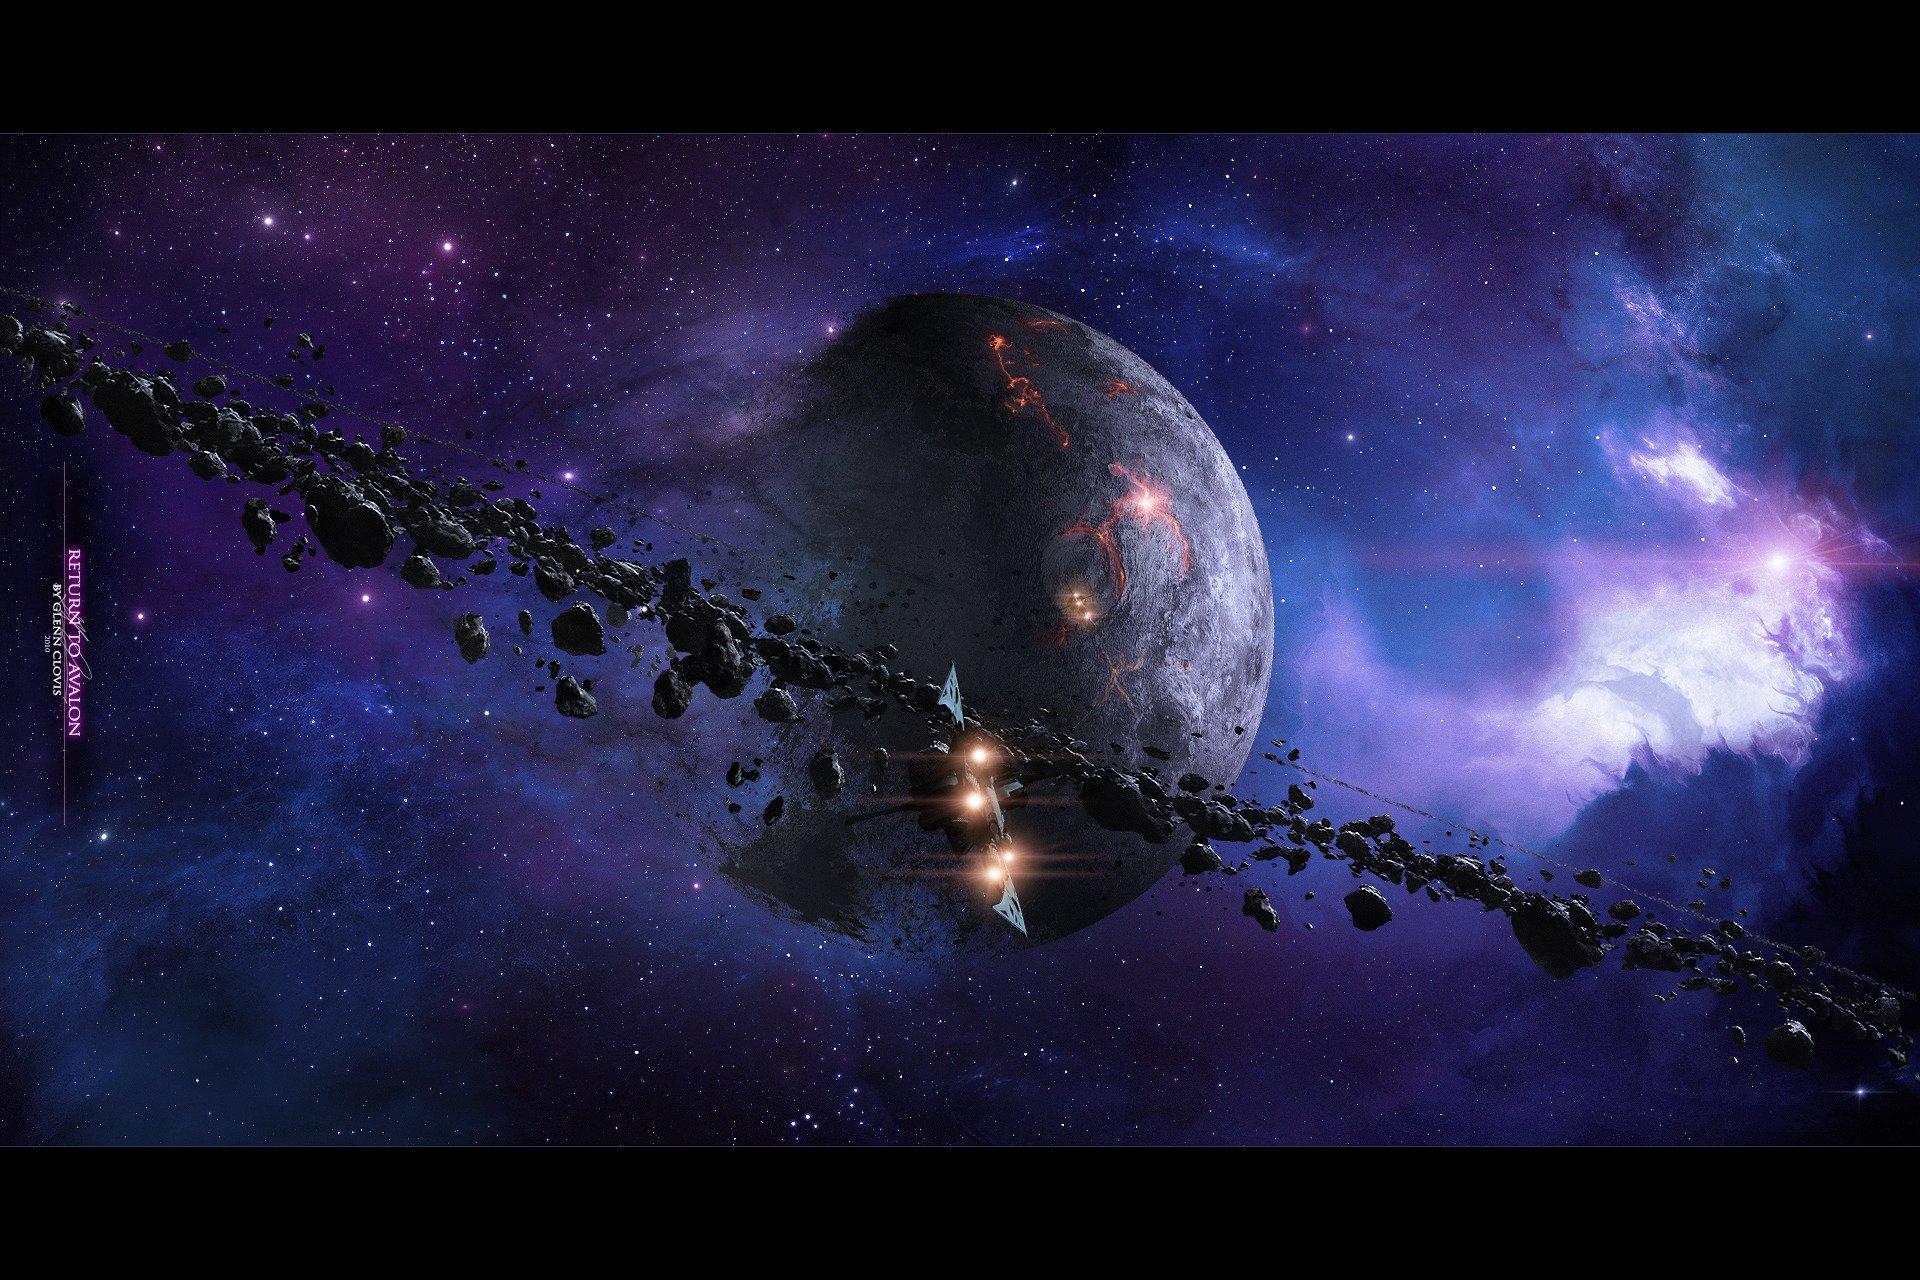 Обои космос планета корабль картинки на рабочий стол на тему Космос - скачать  № 3125524 без смс